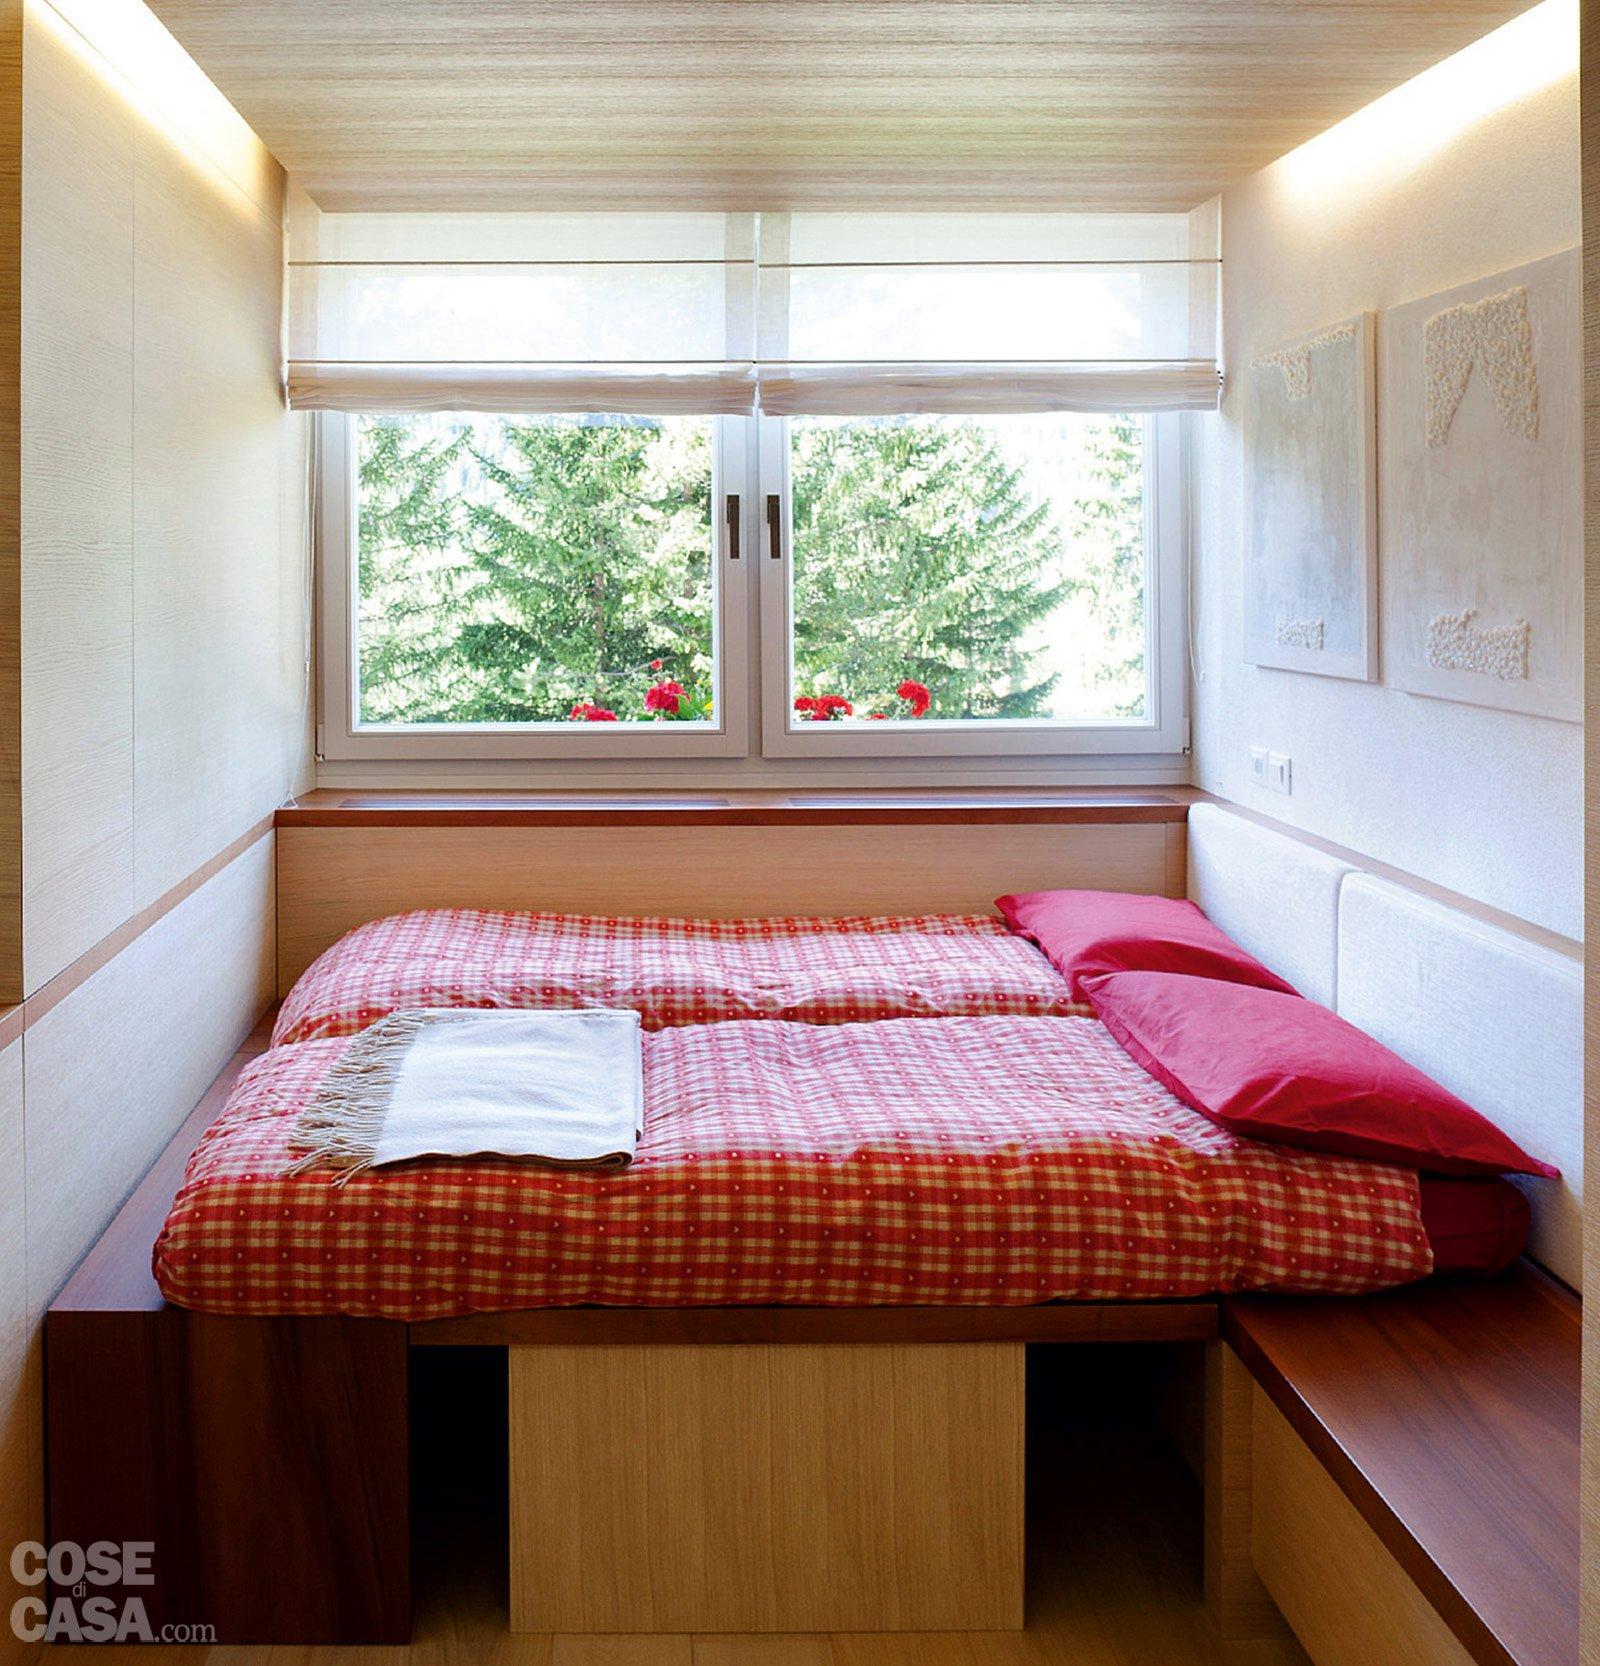 57 mq una casa con stanze trasformabili cose di casa - Camera da letto in muratura ...